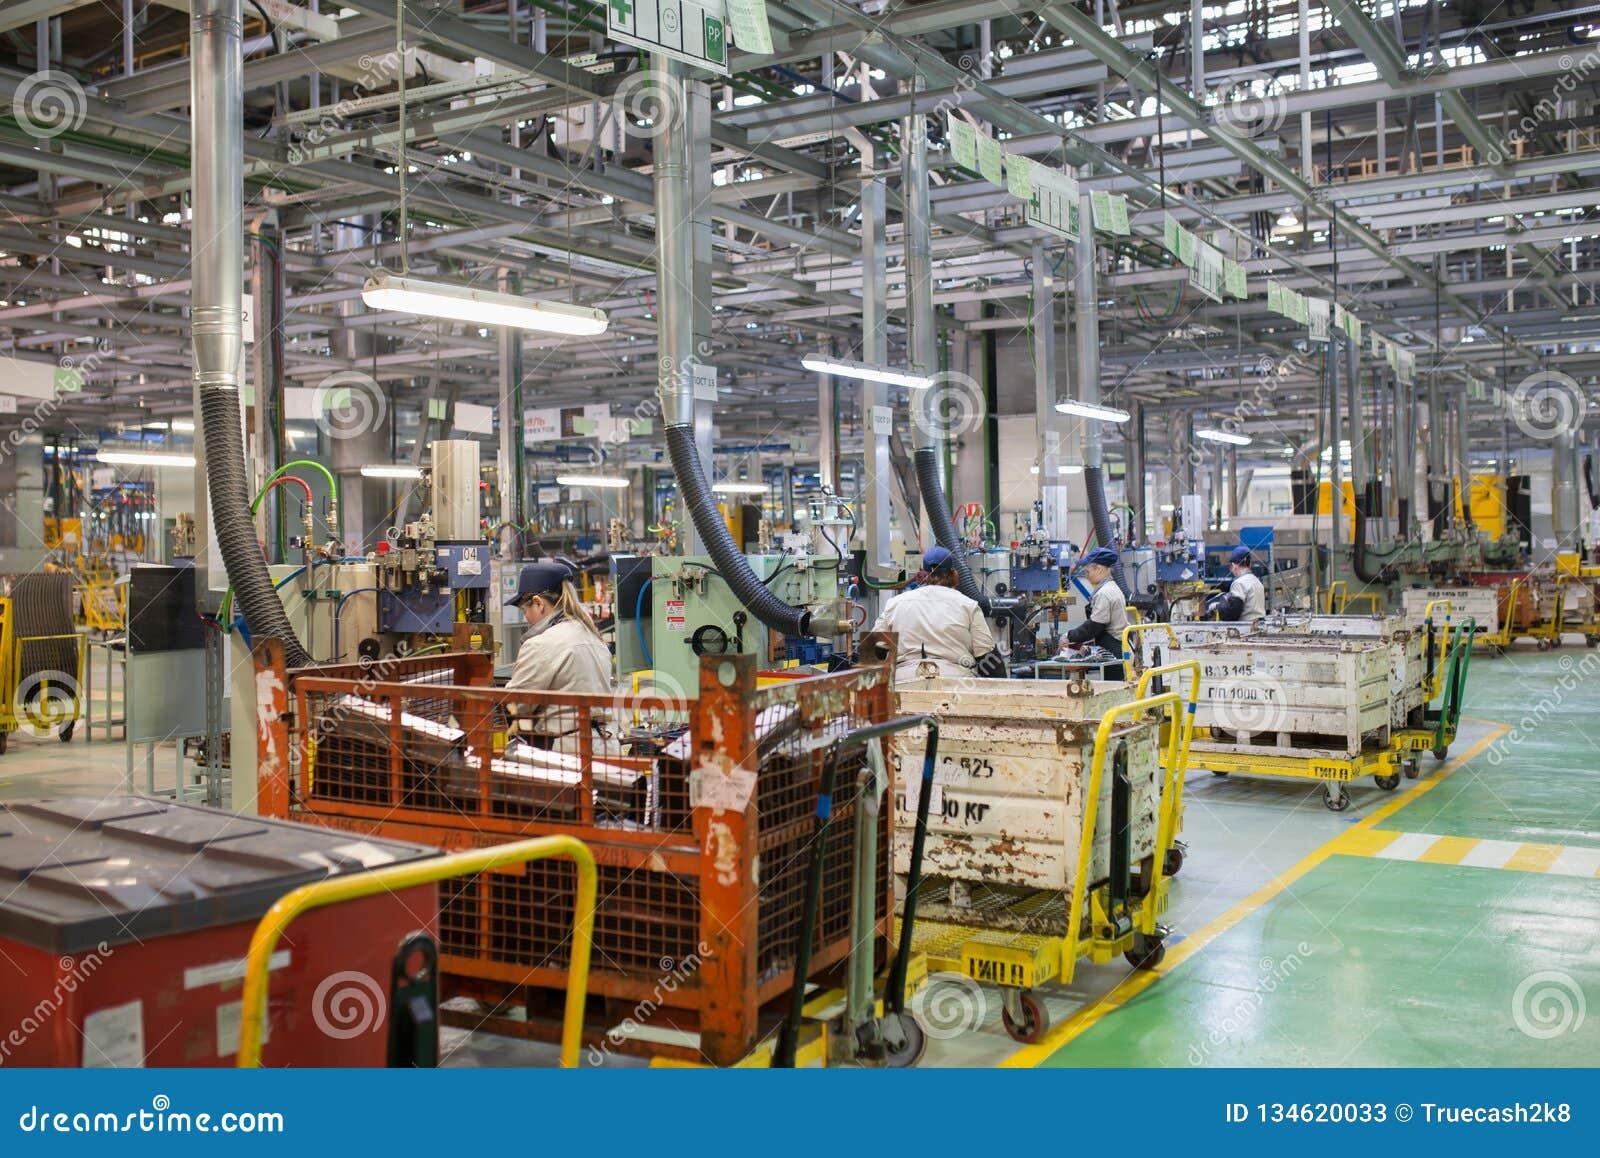 Izhevsk, Rússia - 15 de dezembro de 2018: Cadeia de fabricação produção do carro novo de LADA na fábrica de automóvel AVTOVAZ em